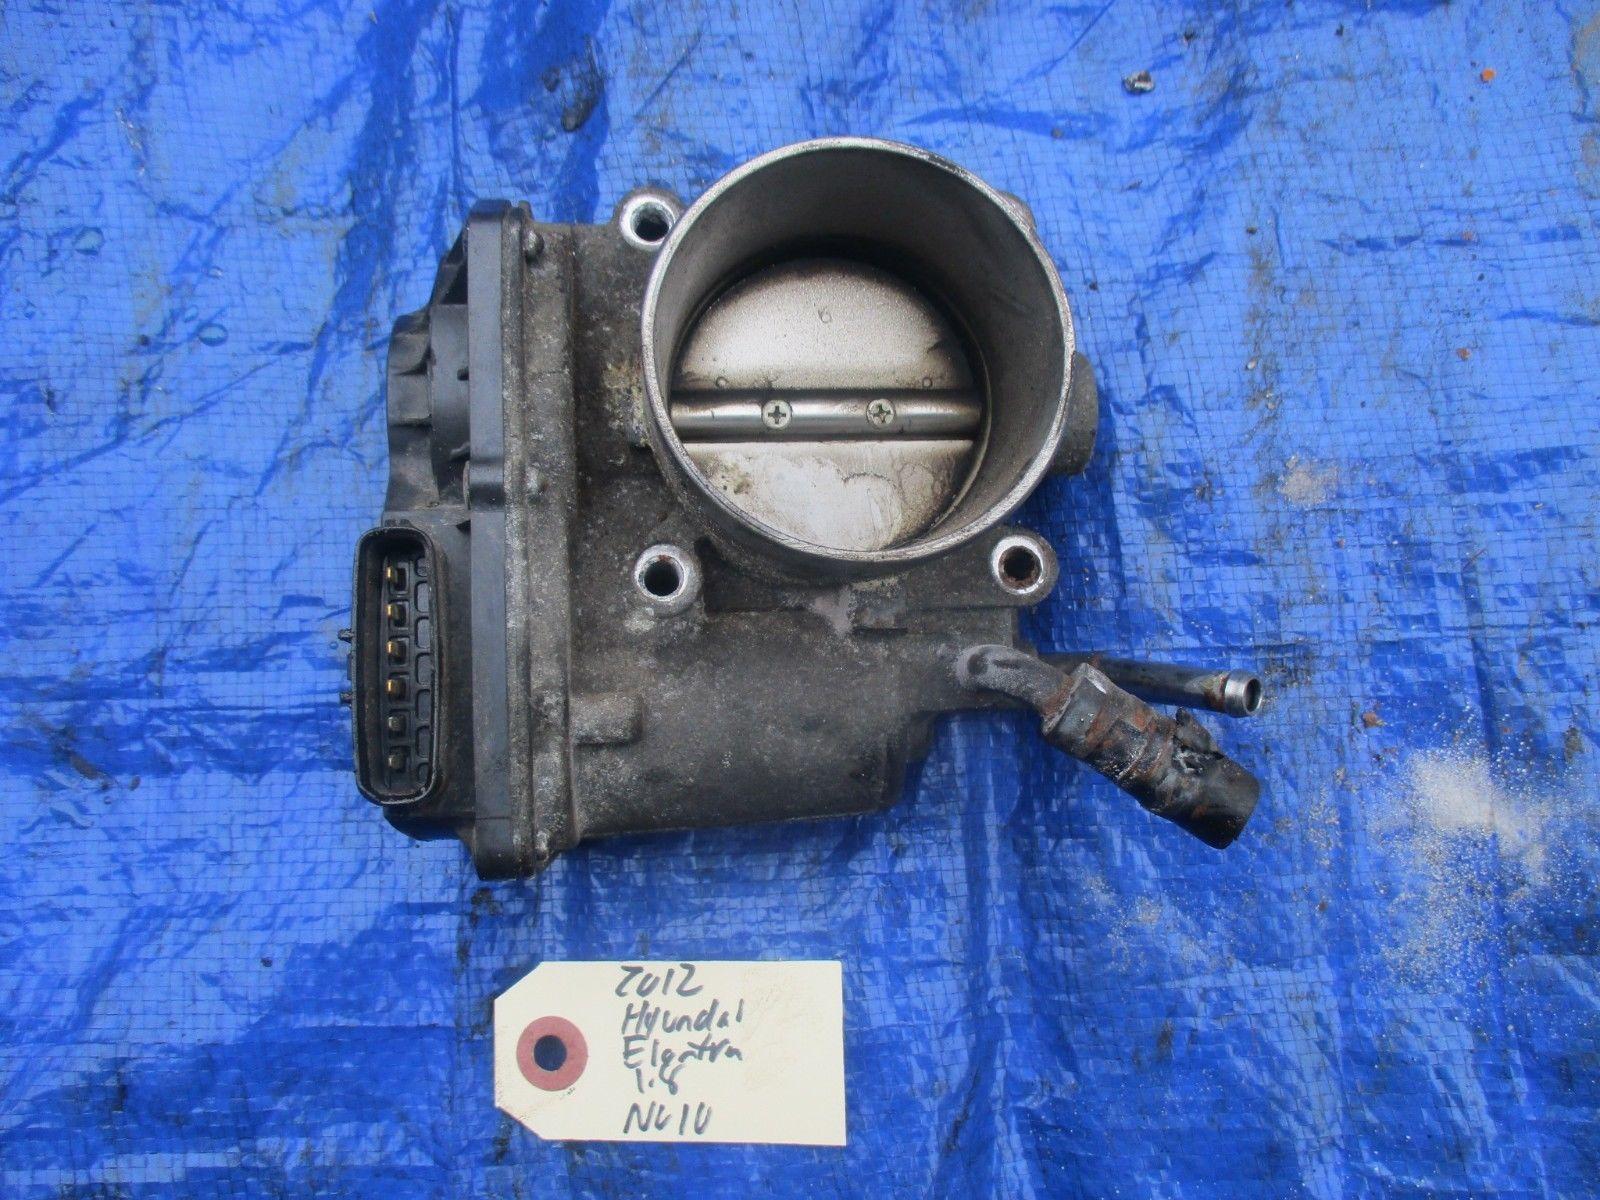 2012 Hyundai Elantra 1.8 NU10 throttle body assembly engine motor OEM electronic